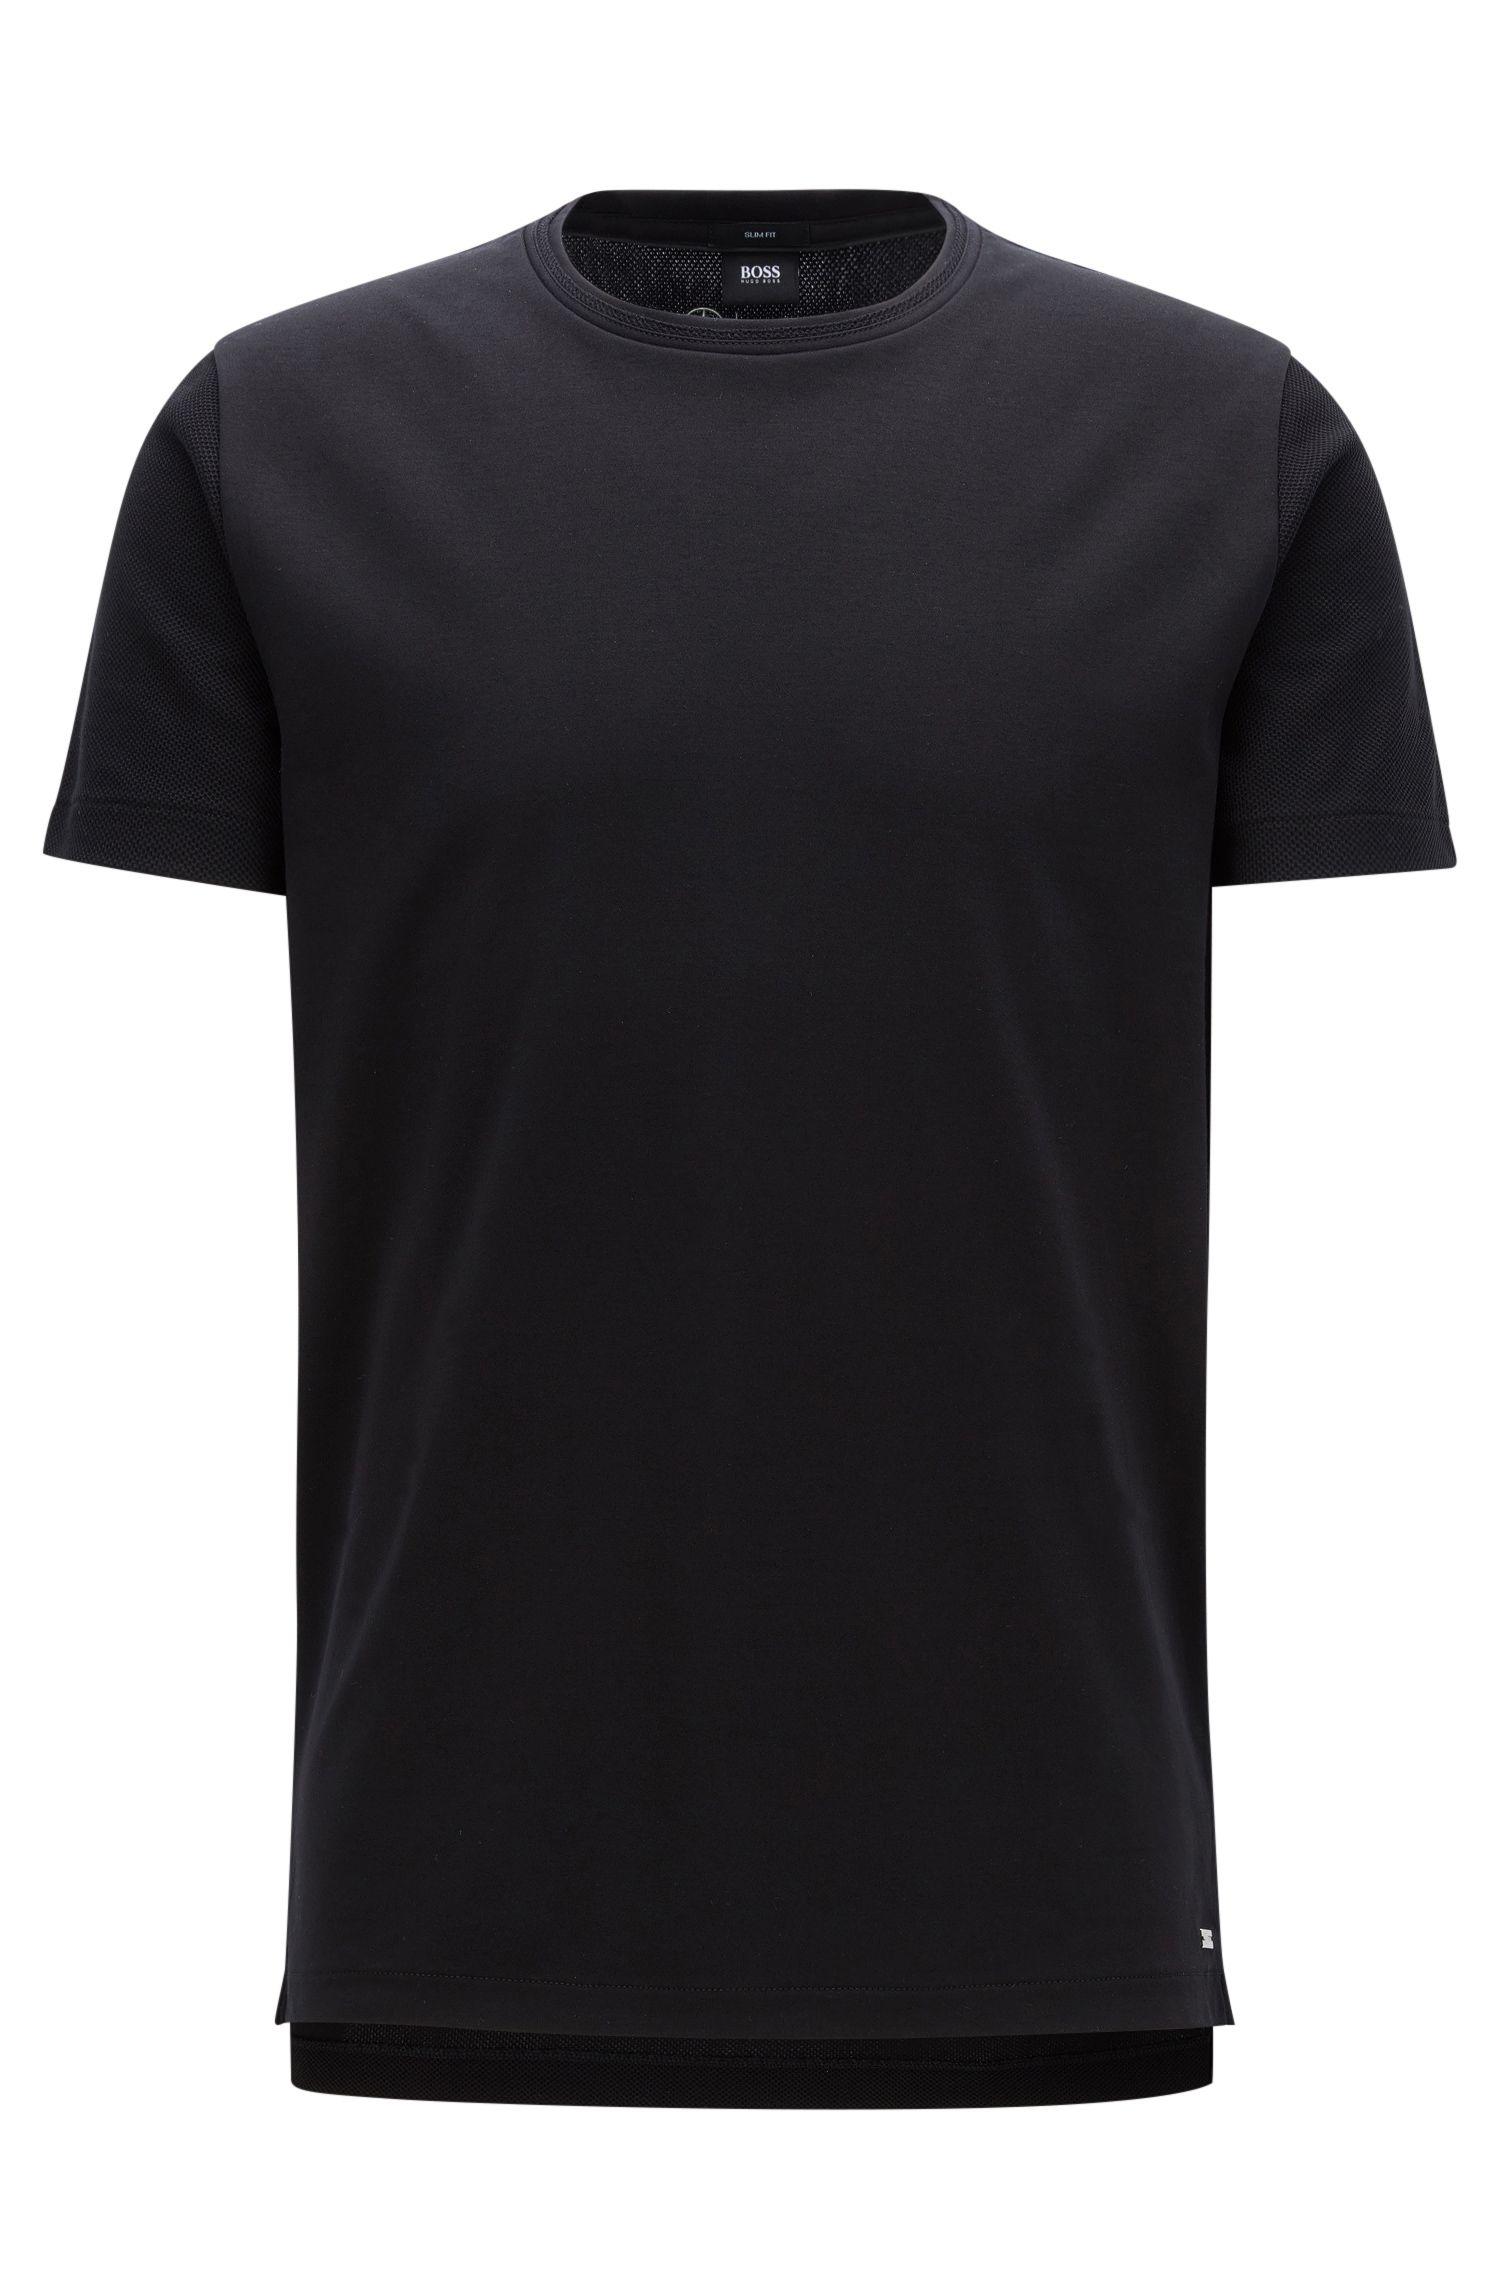 'Tessler' | Mercedes-Benz T-Shirt